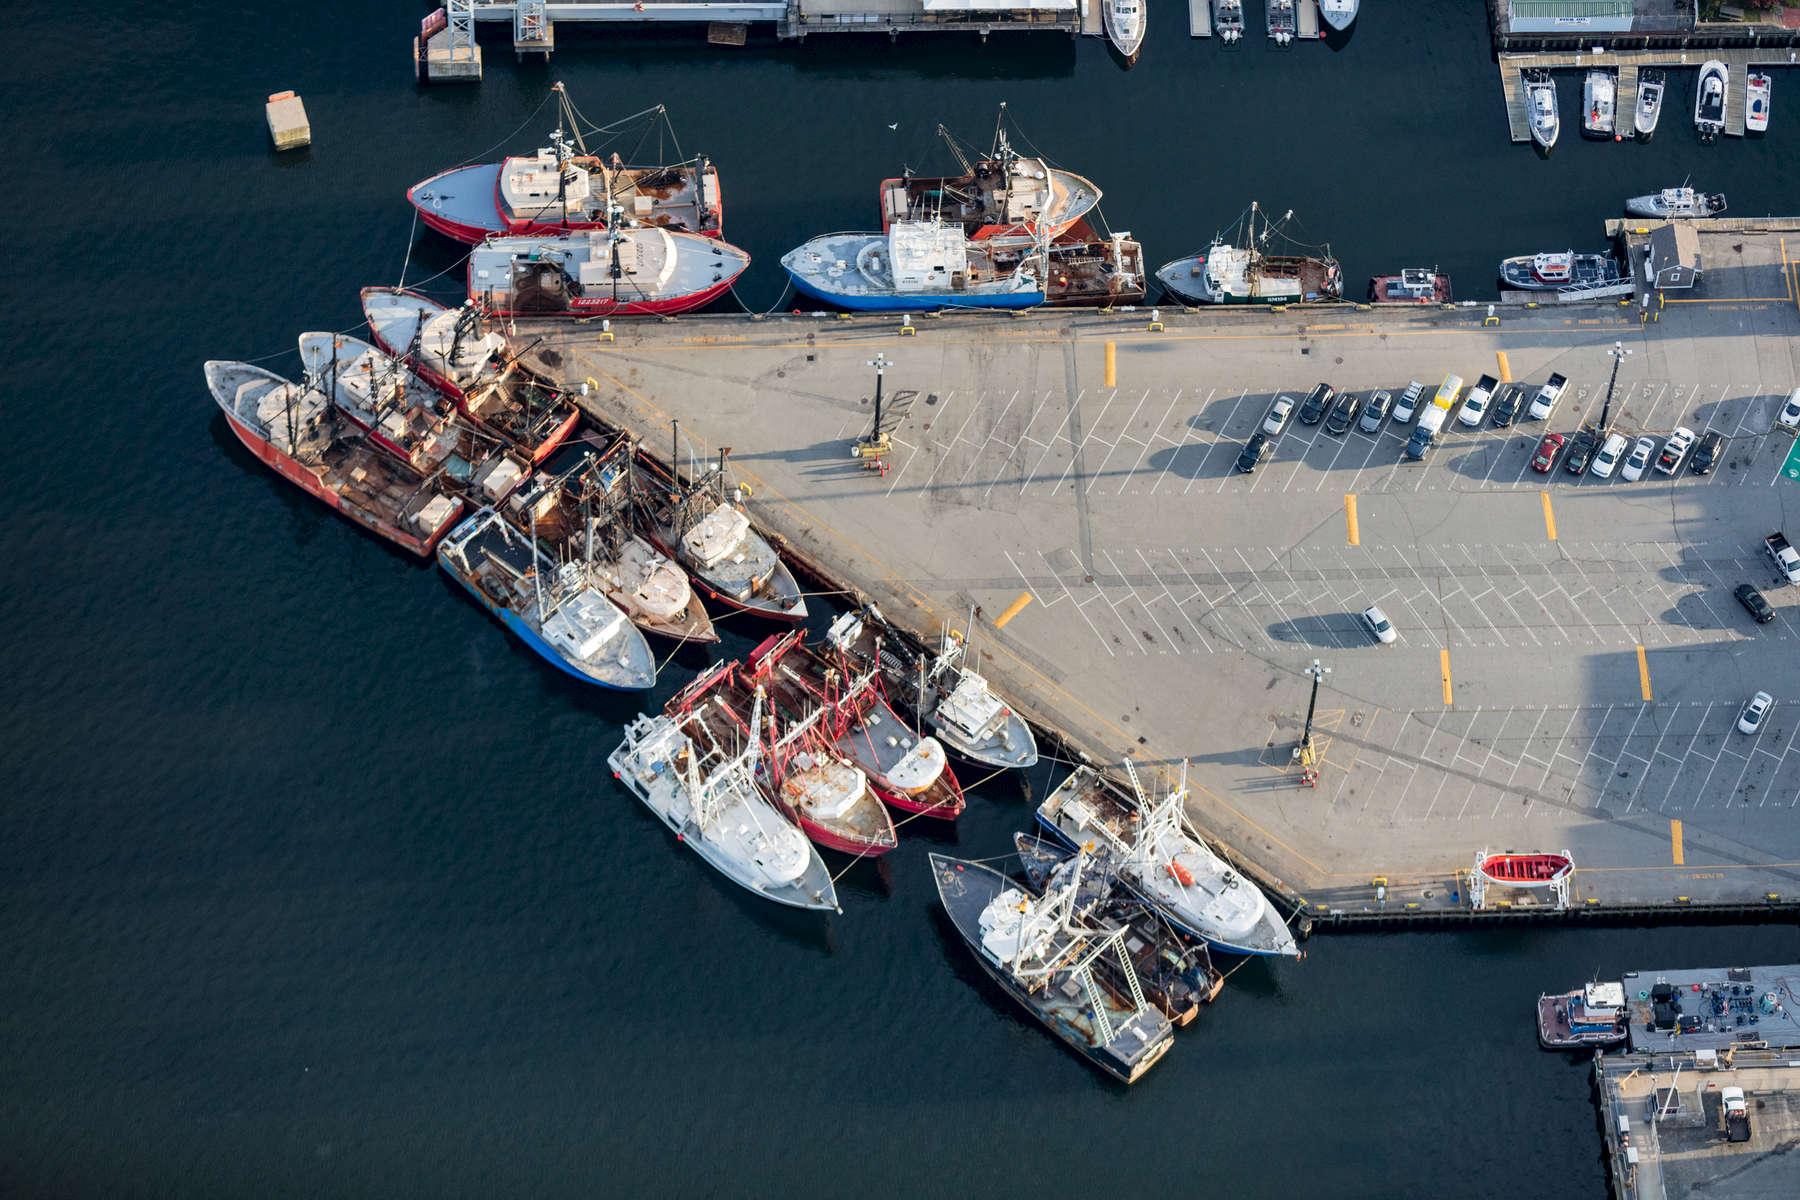 Fishing Fleet, New Bedford, Massachusetts 2018 (180930-0510)